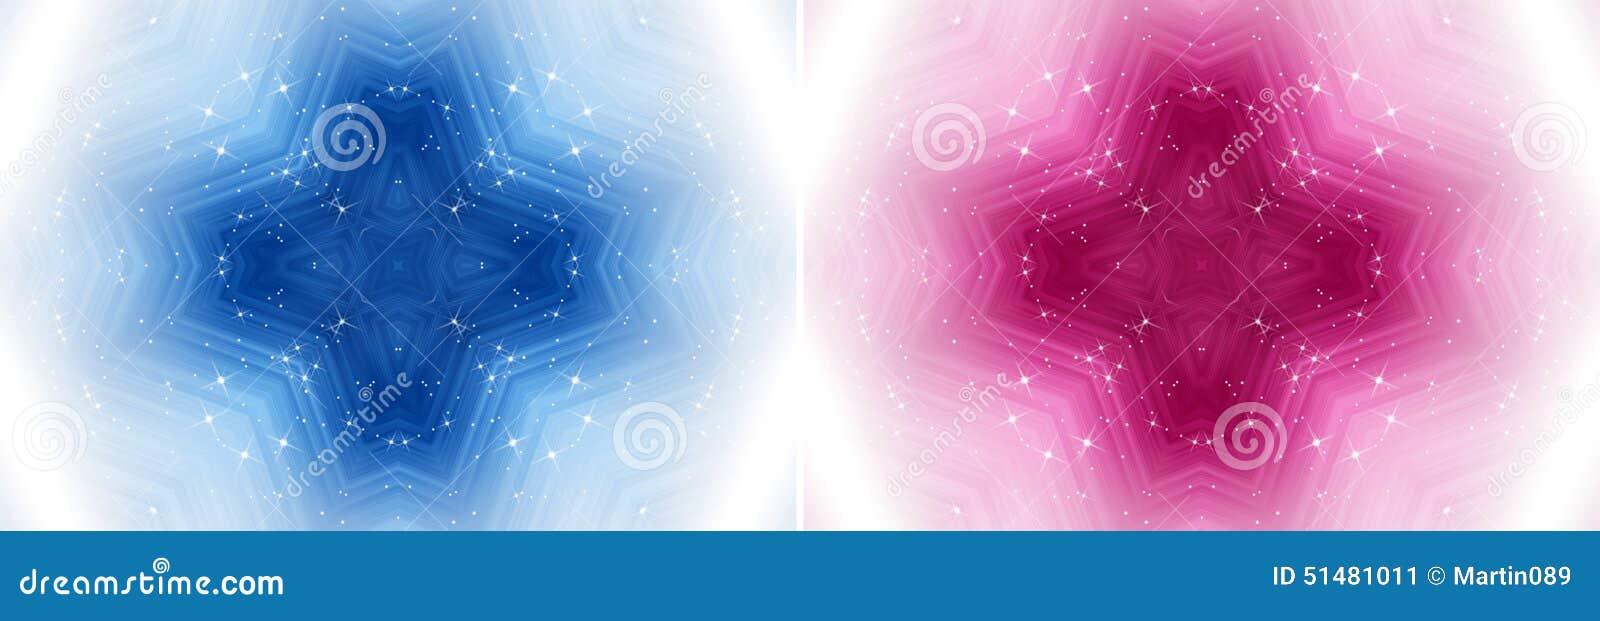 Μαγικό διαγώνιο υπόβαθρο με τα αστέρια